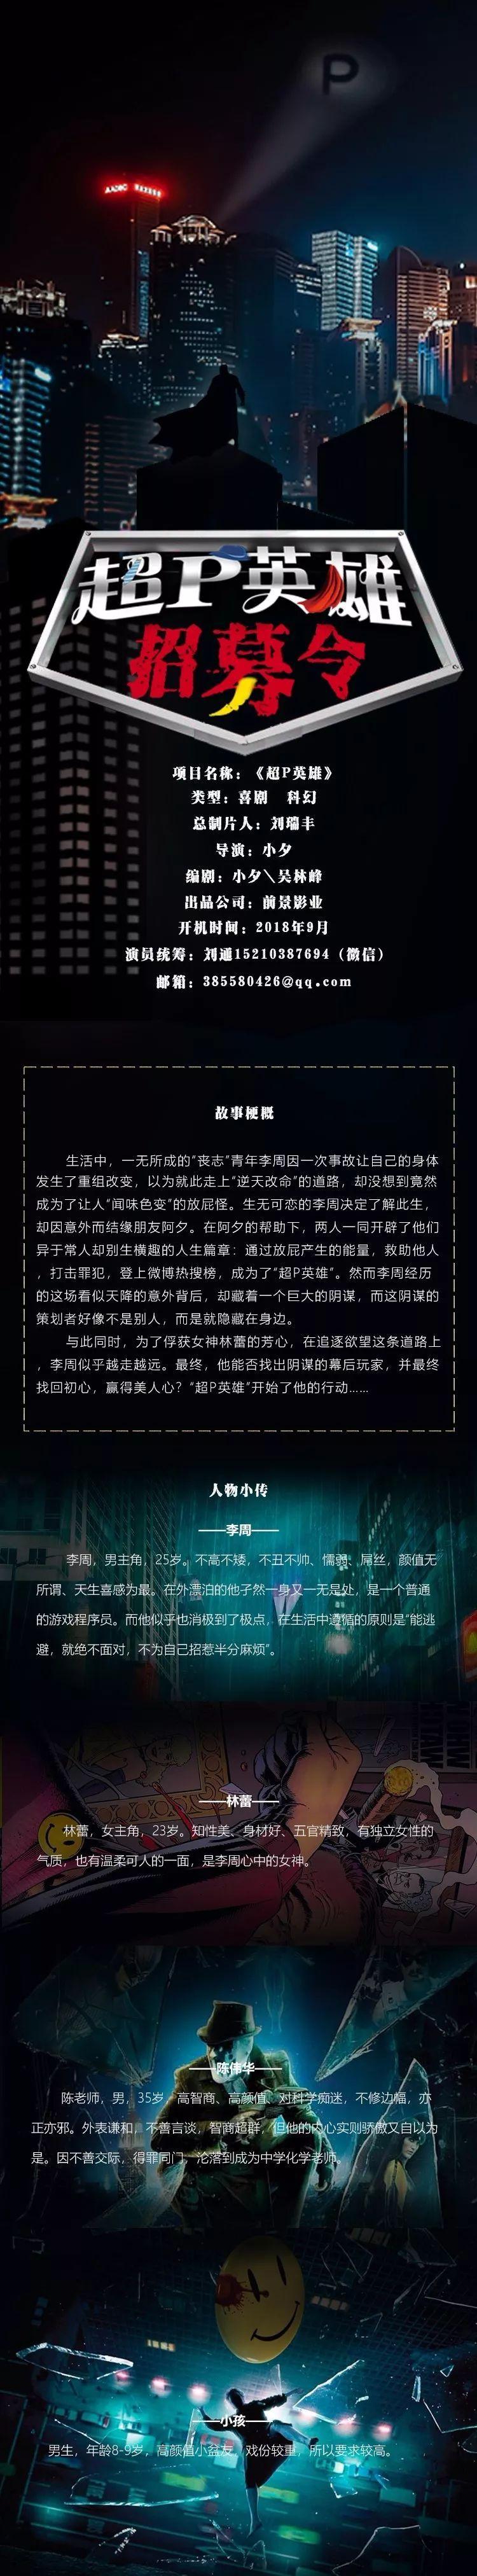 8/15组讯 | 籽月小说改编《恋恋江湖》,幽默网剧《谢祖隆恩》,电影